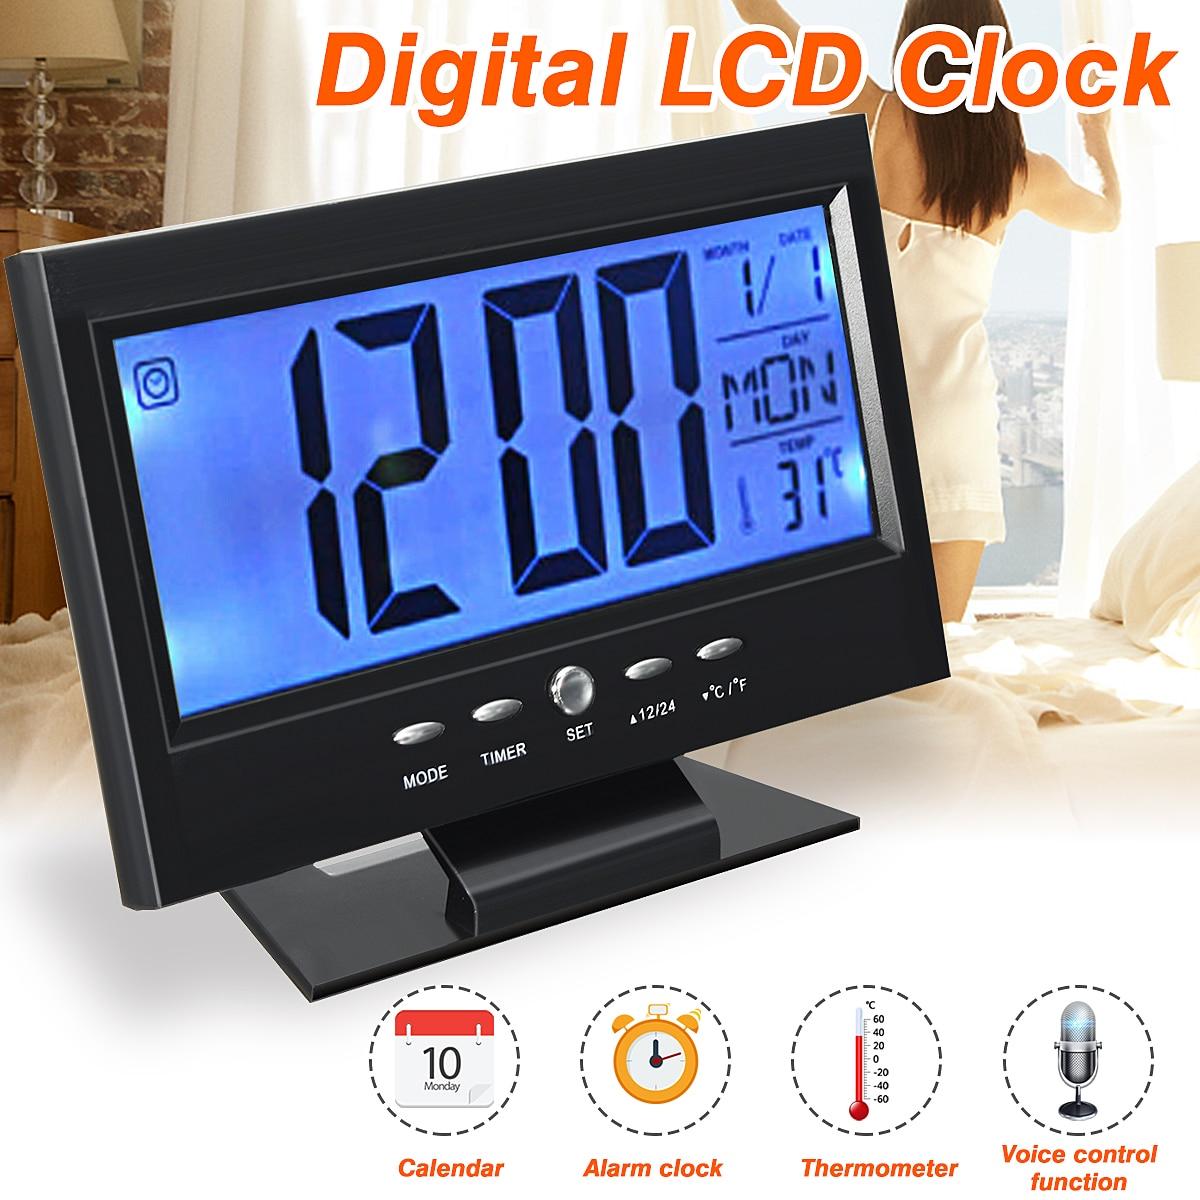 Schwarz LCD Digitale Tisch Uhr Kalender Temperatur Desktop Display Sound Control Alarm Uhr